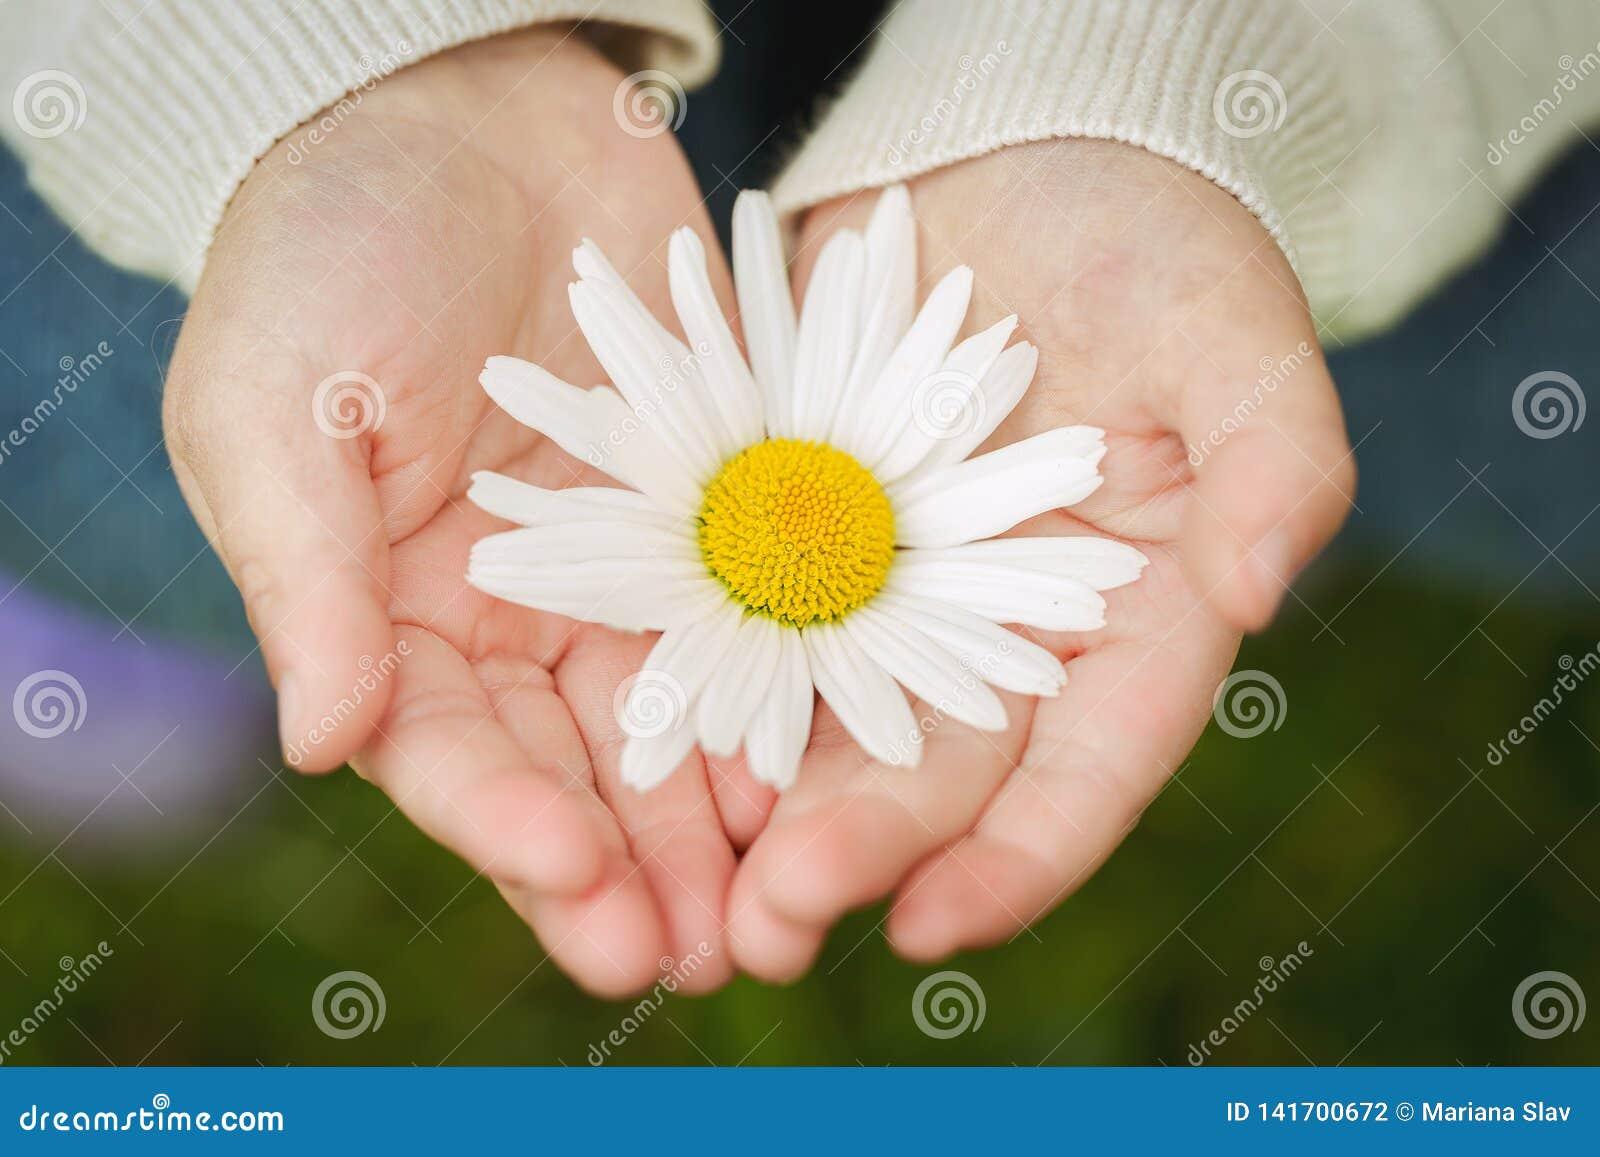 Närbild av en blomma i childshänder